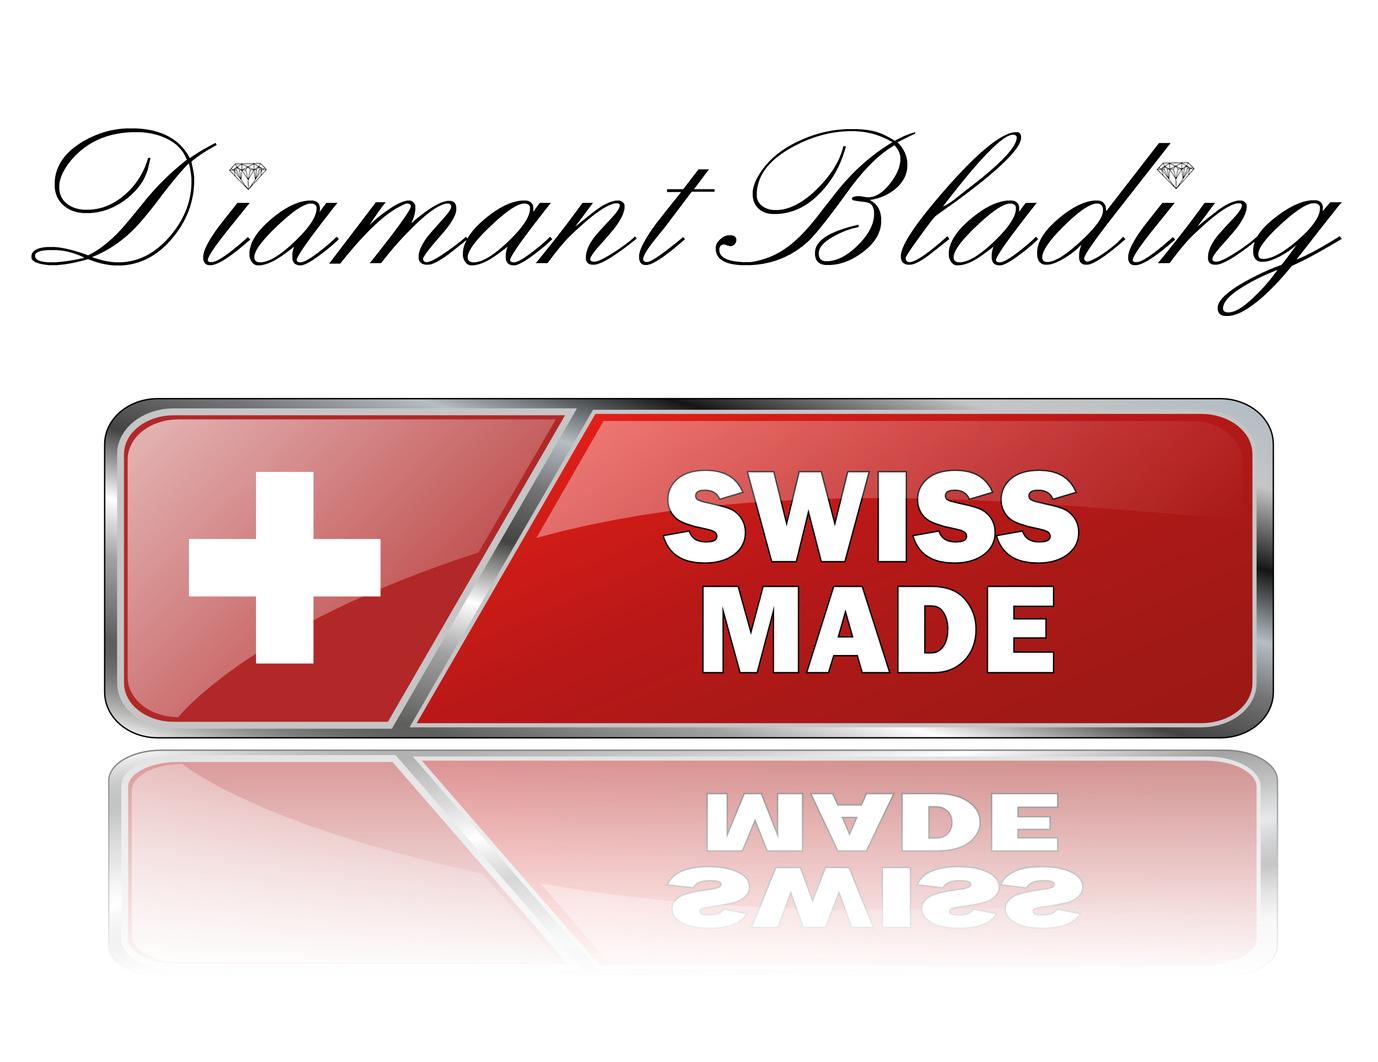 Diamant Blading KroMED | In der Schweiz entwickelte Handmethode aus einem medizinischem Präzisionsinstrument